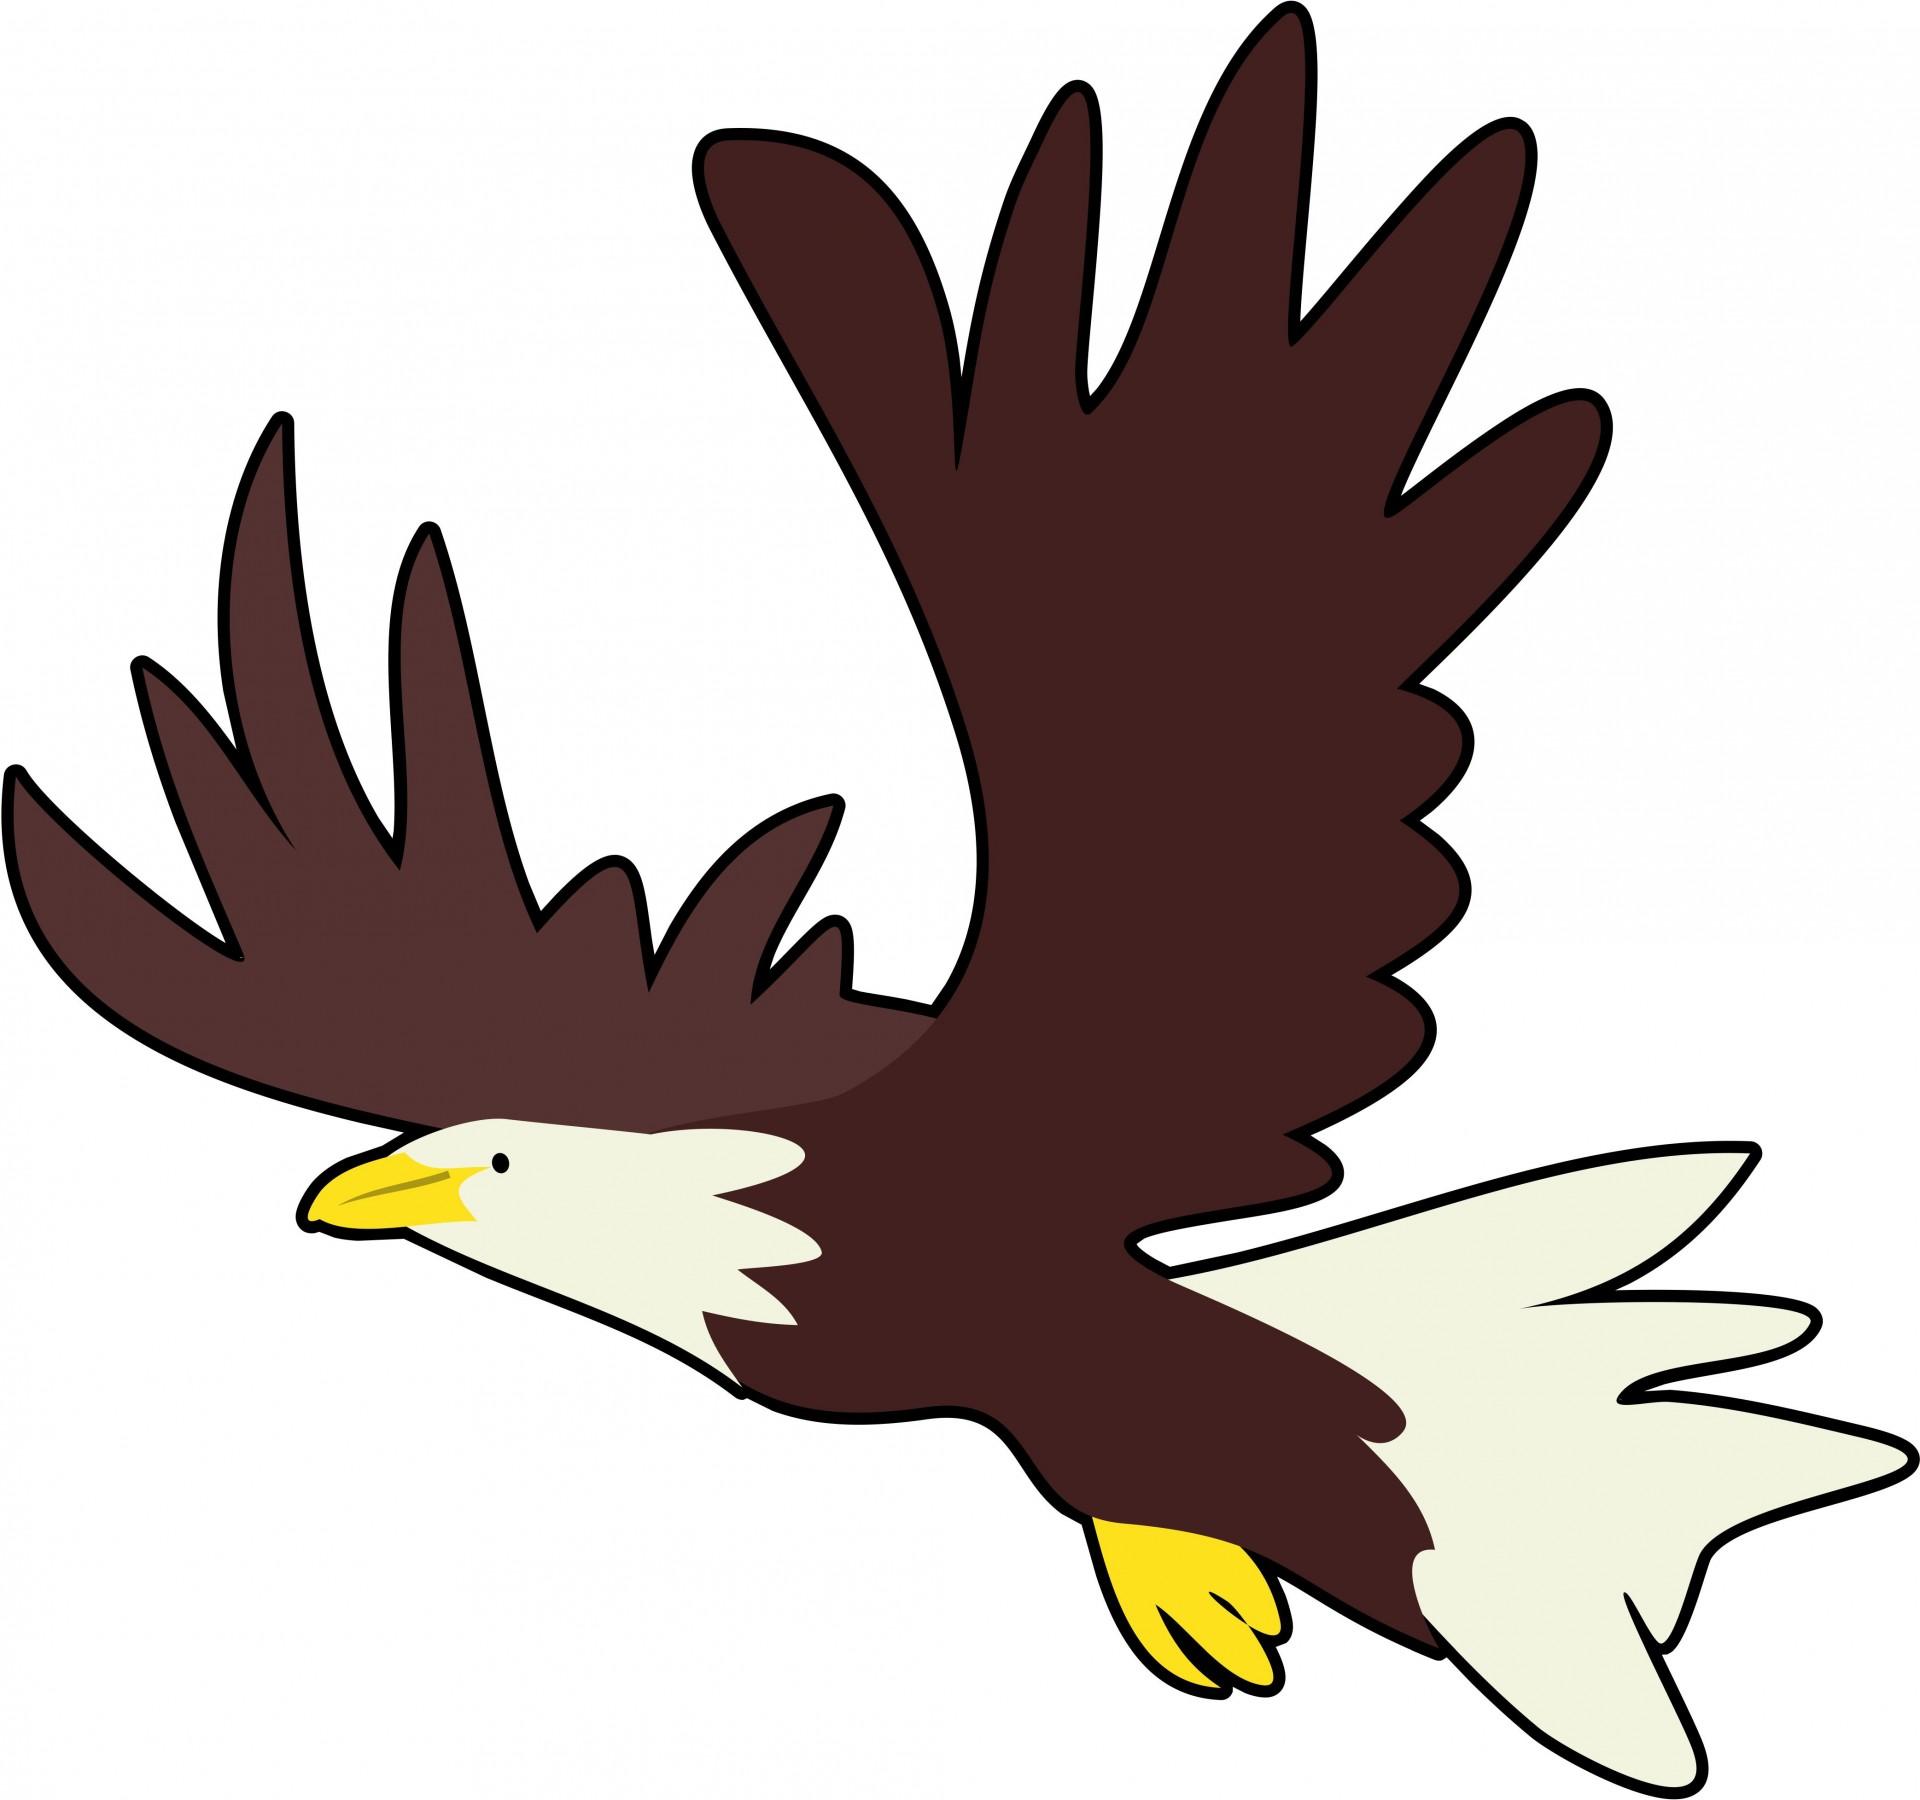 cute bald eagle clipart. bald eagle clipart. bald eagle face.